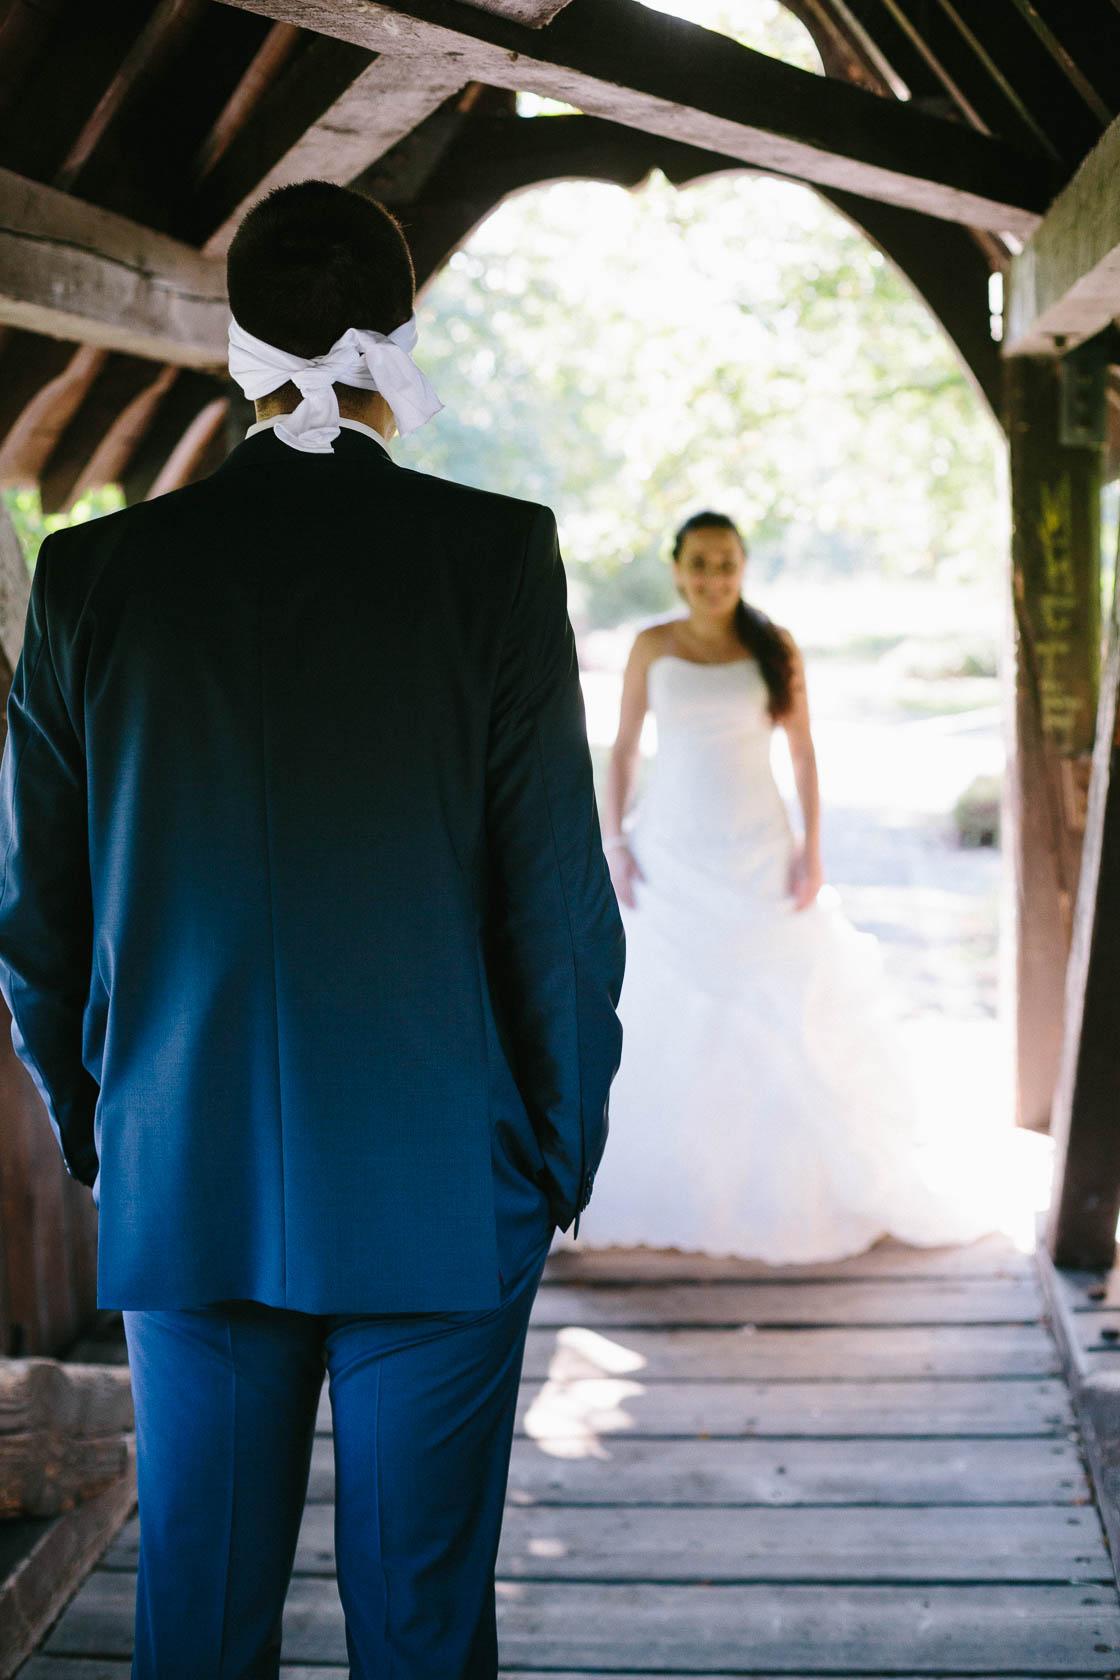 Wann sollen wir denn am Hochzeitstag die Paarfotos machen First Look